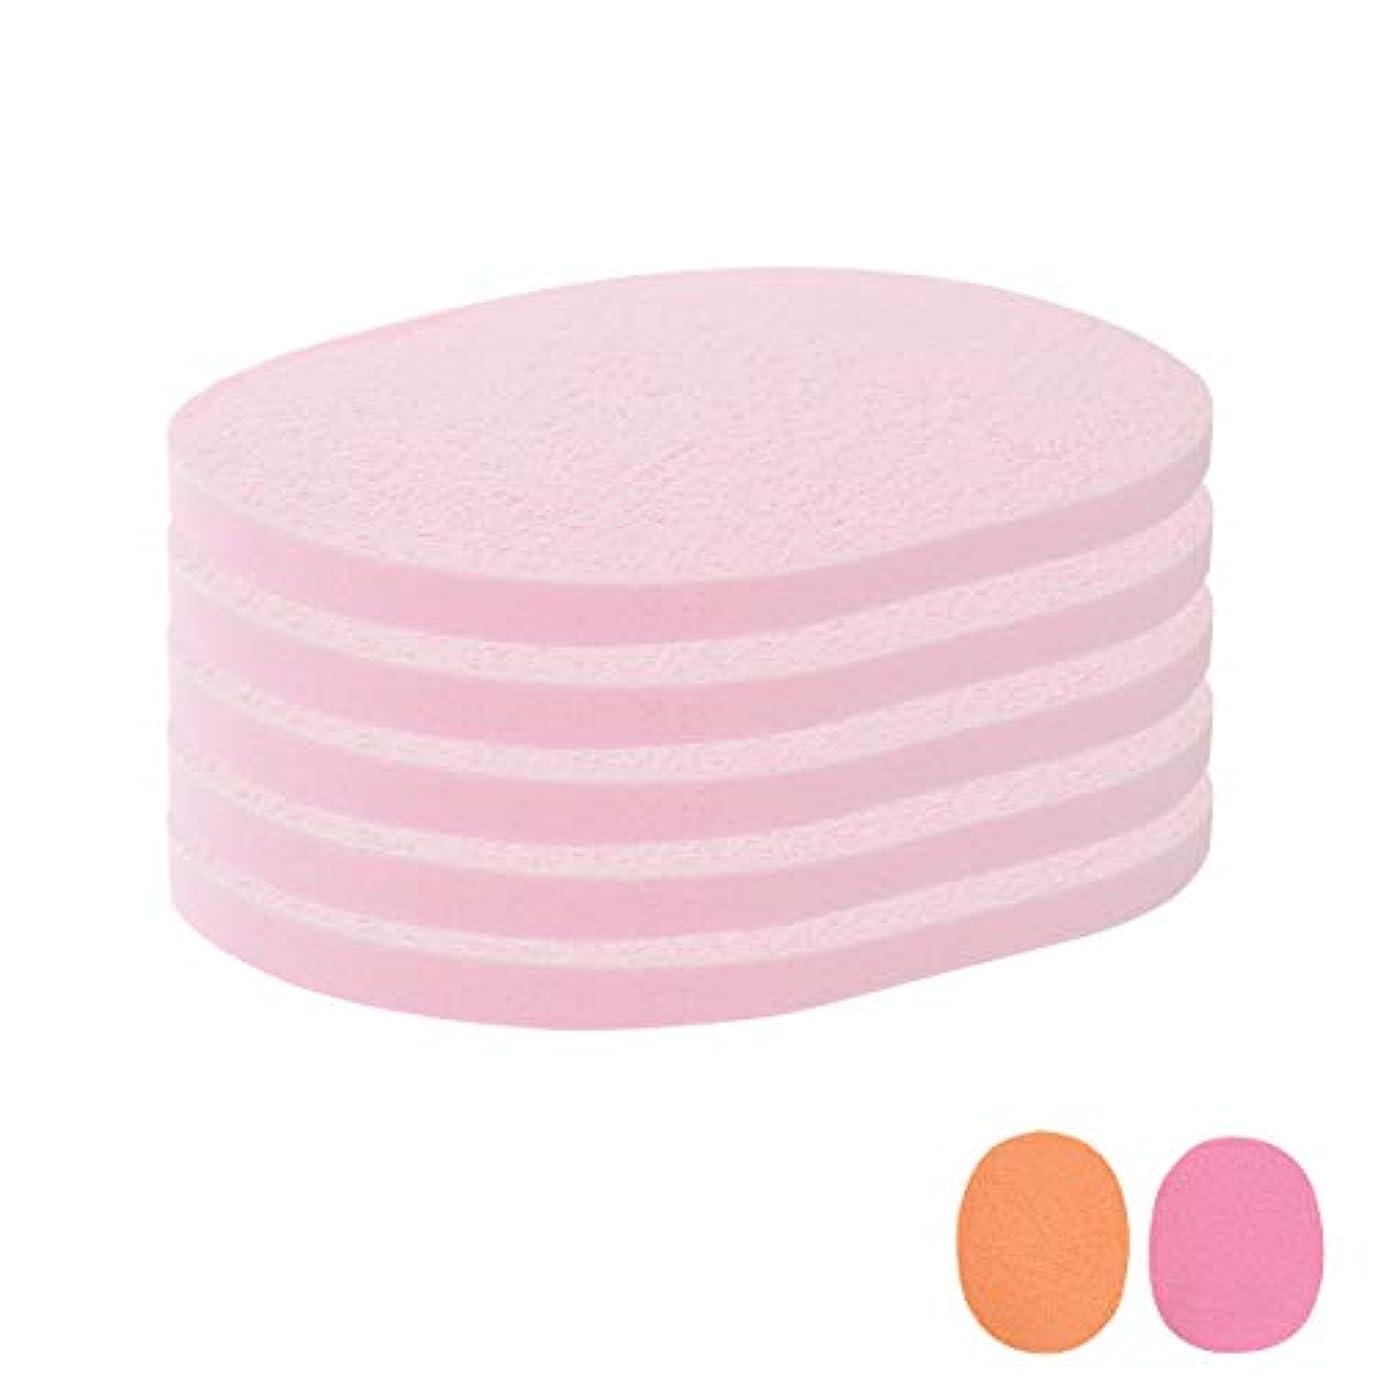 同僚会計士軽蔑するフェイシャルスポンジ 全4種 7mm厚 (きめ粗い) 5枚入 ピンク [ フェイススポンジ マッサージスポンジ フェイシャル フェイス 顔用 洗顔 エステ スポンジ パフ クレンジング パック マスク 拭き取り ]